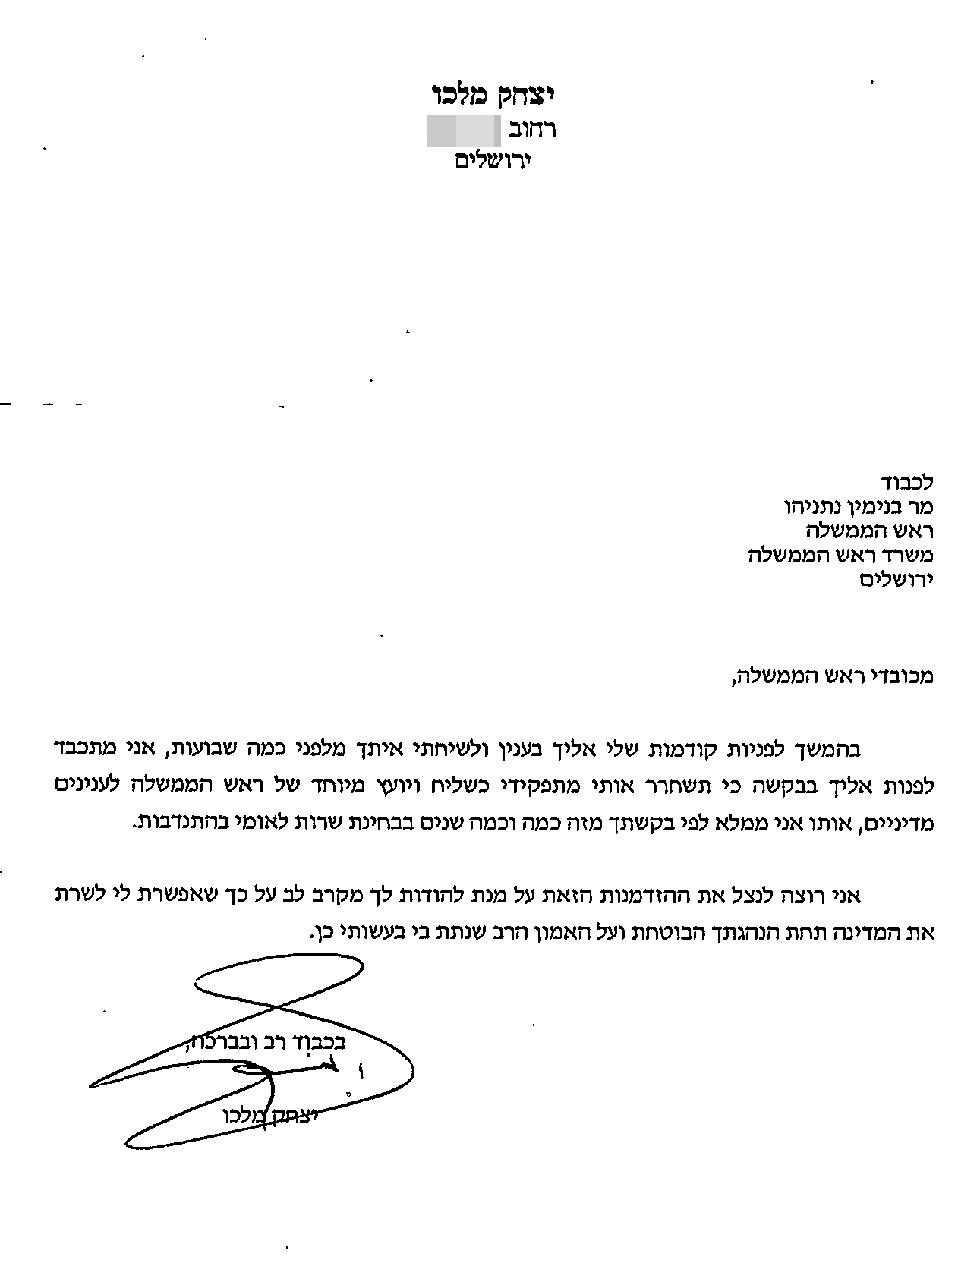 הודעת ההתפטרות של מולכו. טען שחש מיצוי ()